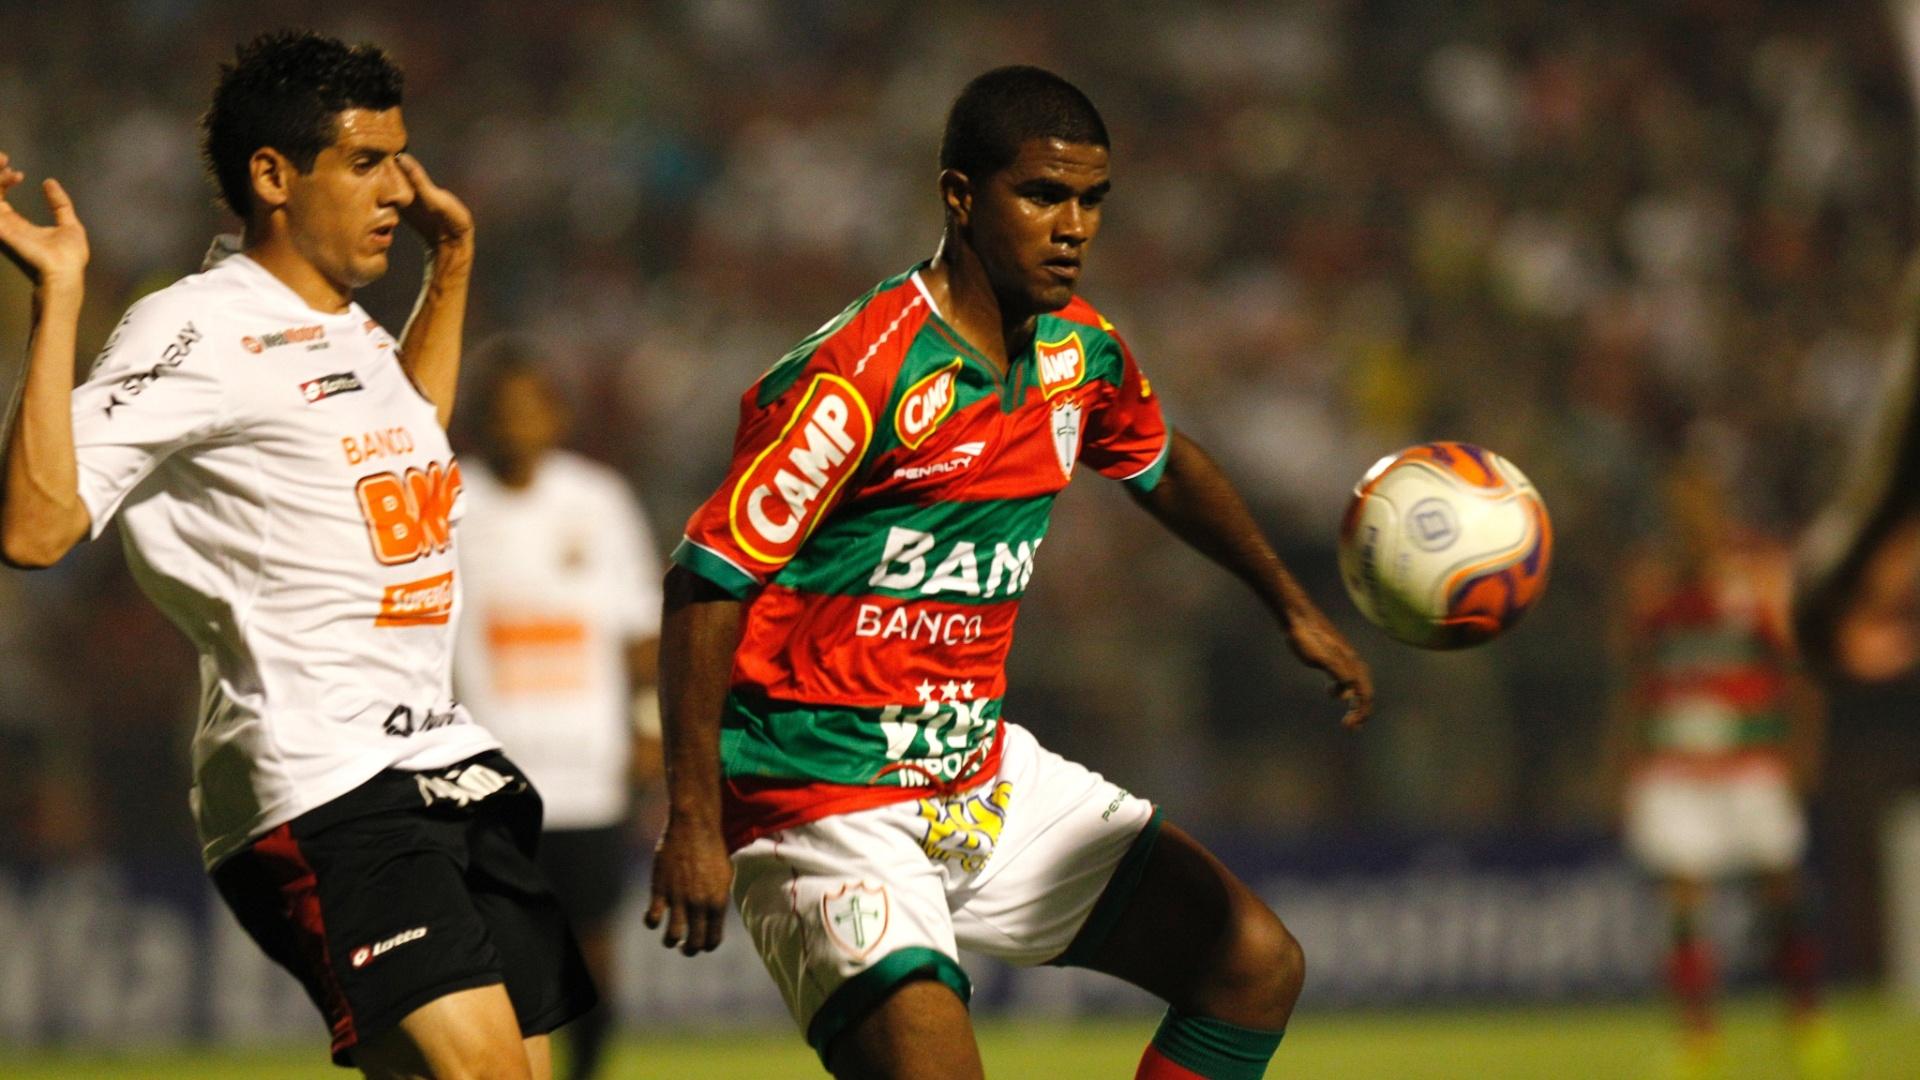 Jogadores de Portuguesa e Sport disputam bola em empate por 2 a 2 no Canindé, pela Série B do Brasileirão